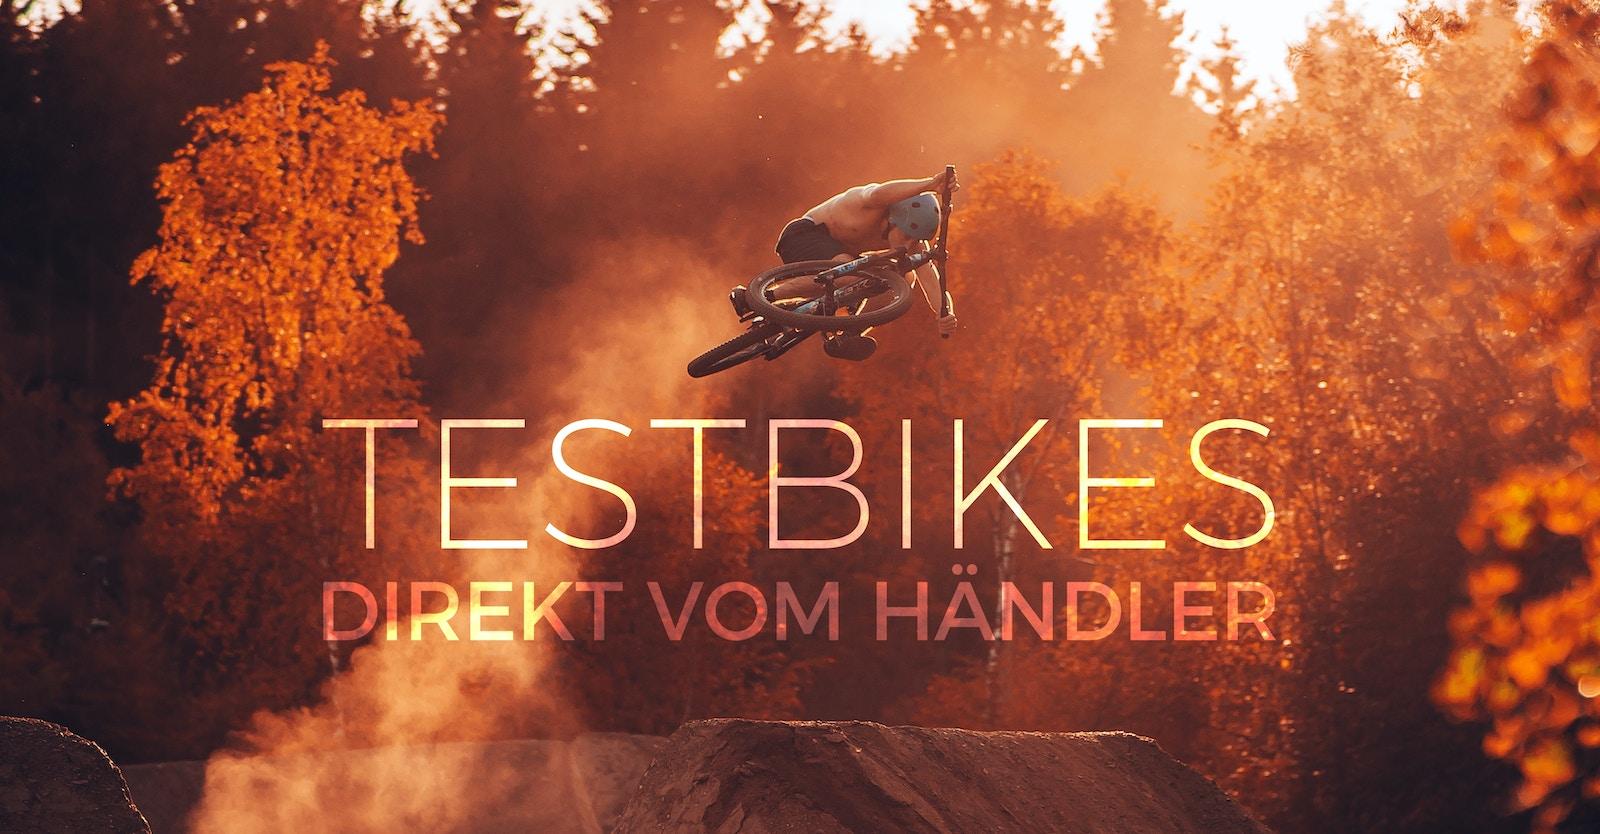 Testbikes direkt vom Händler kaufen